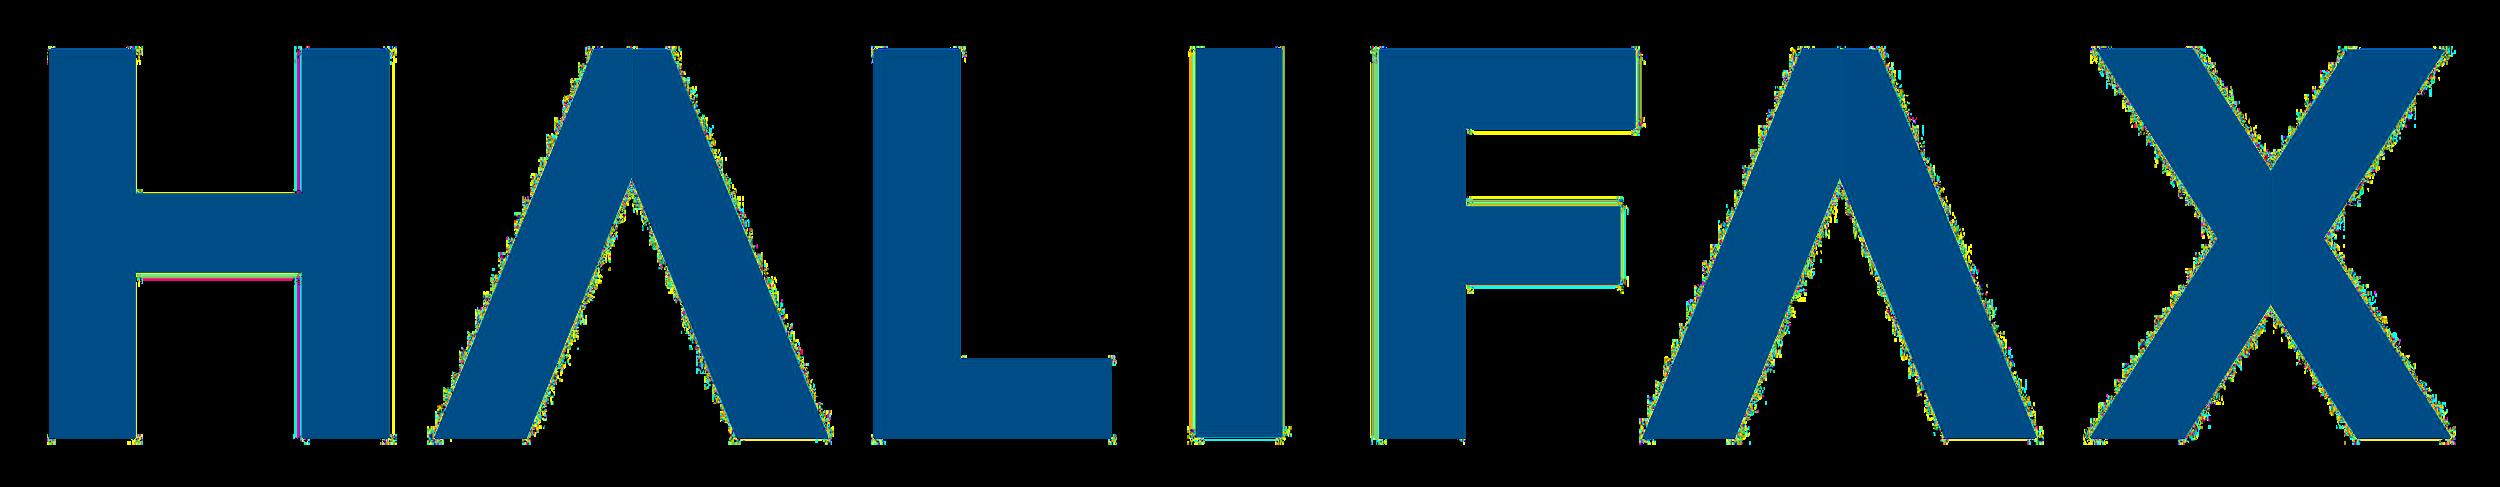 halifax-logo.png